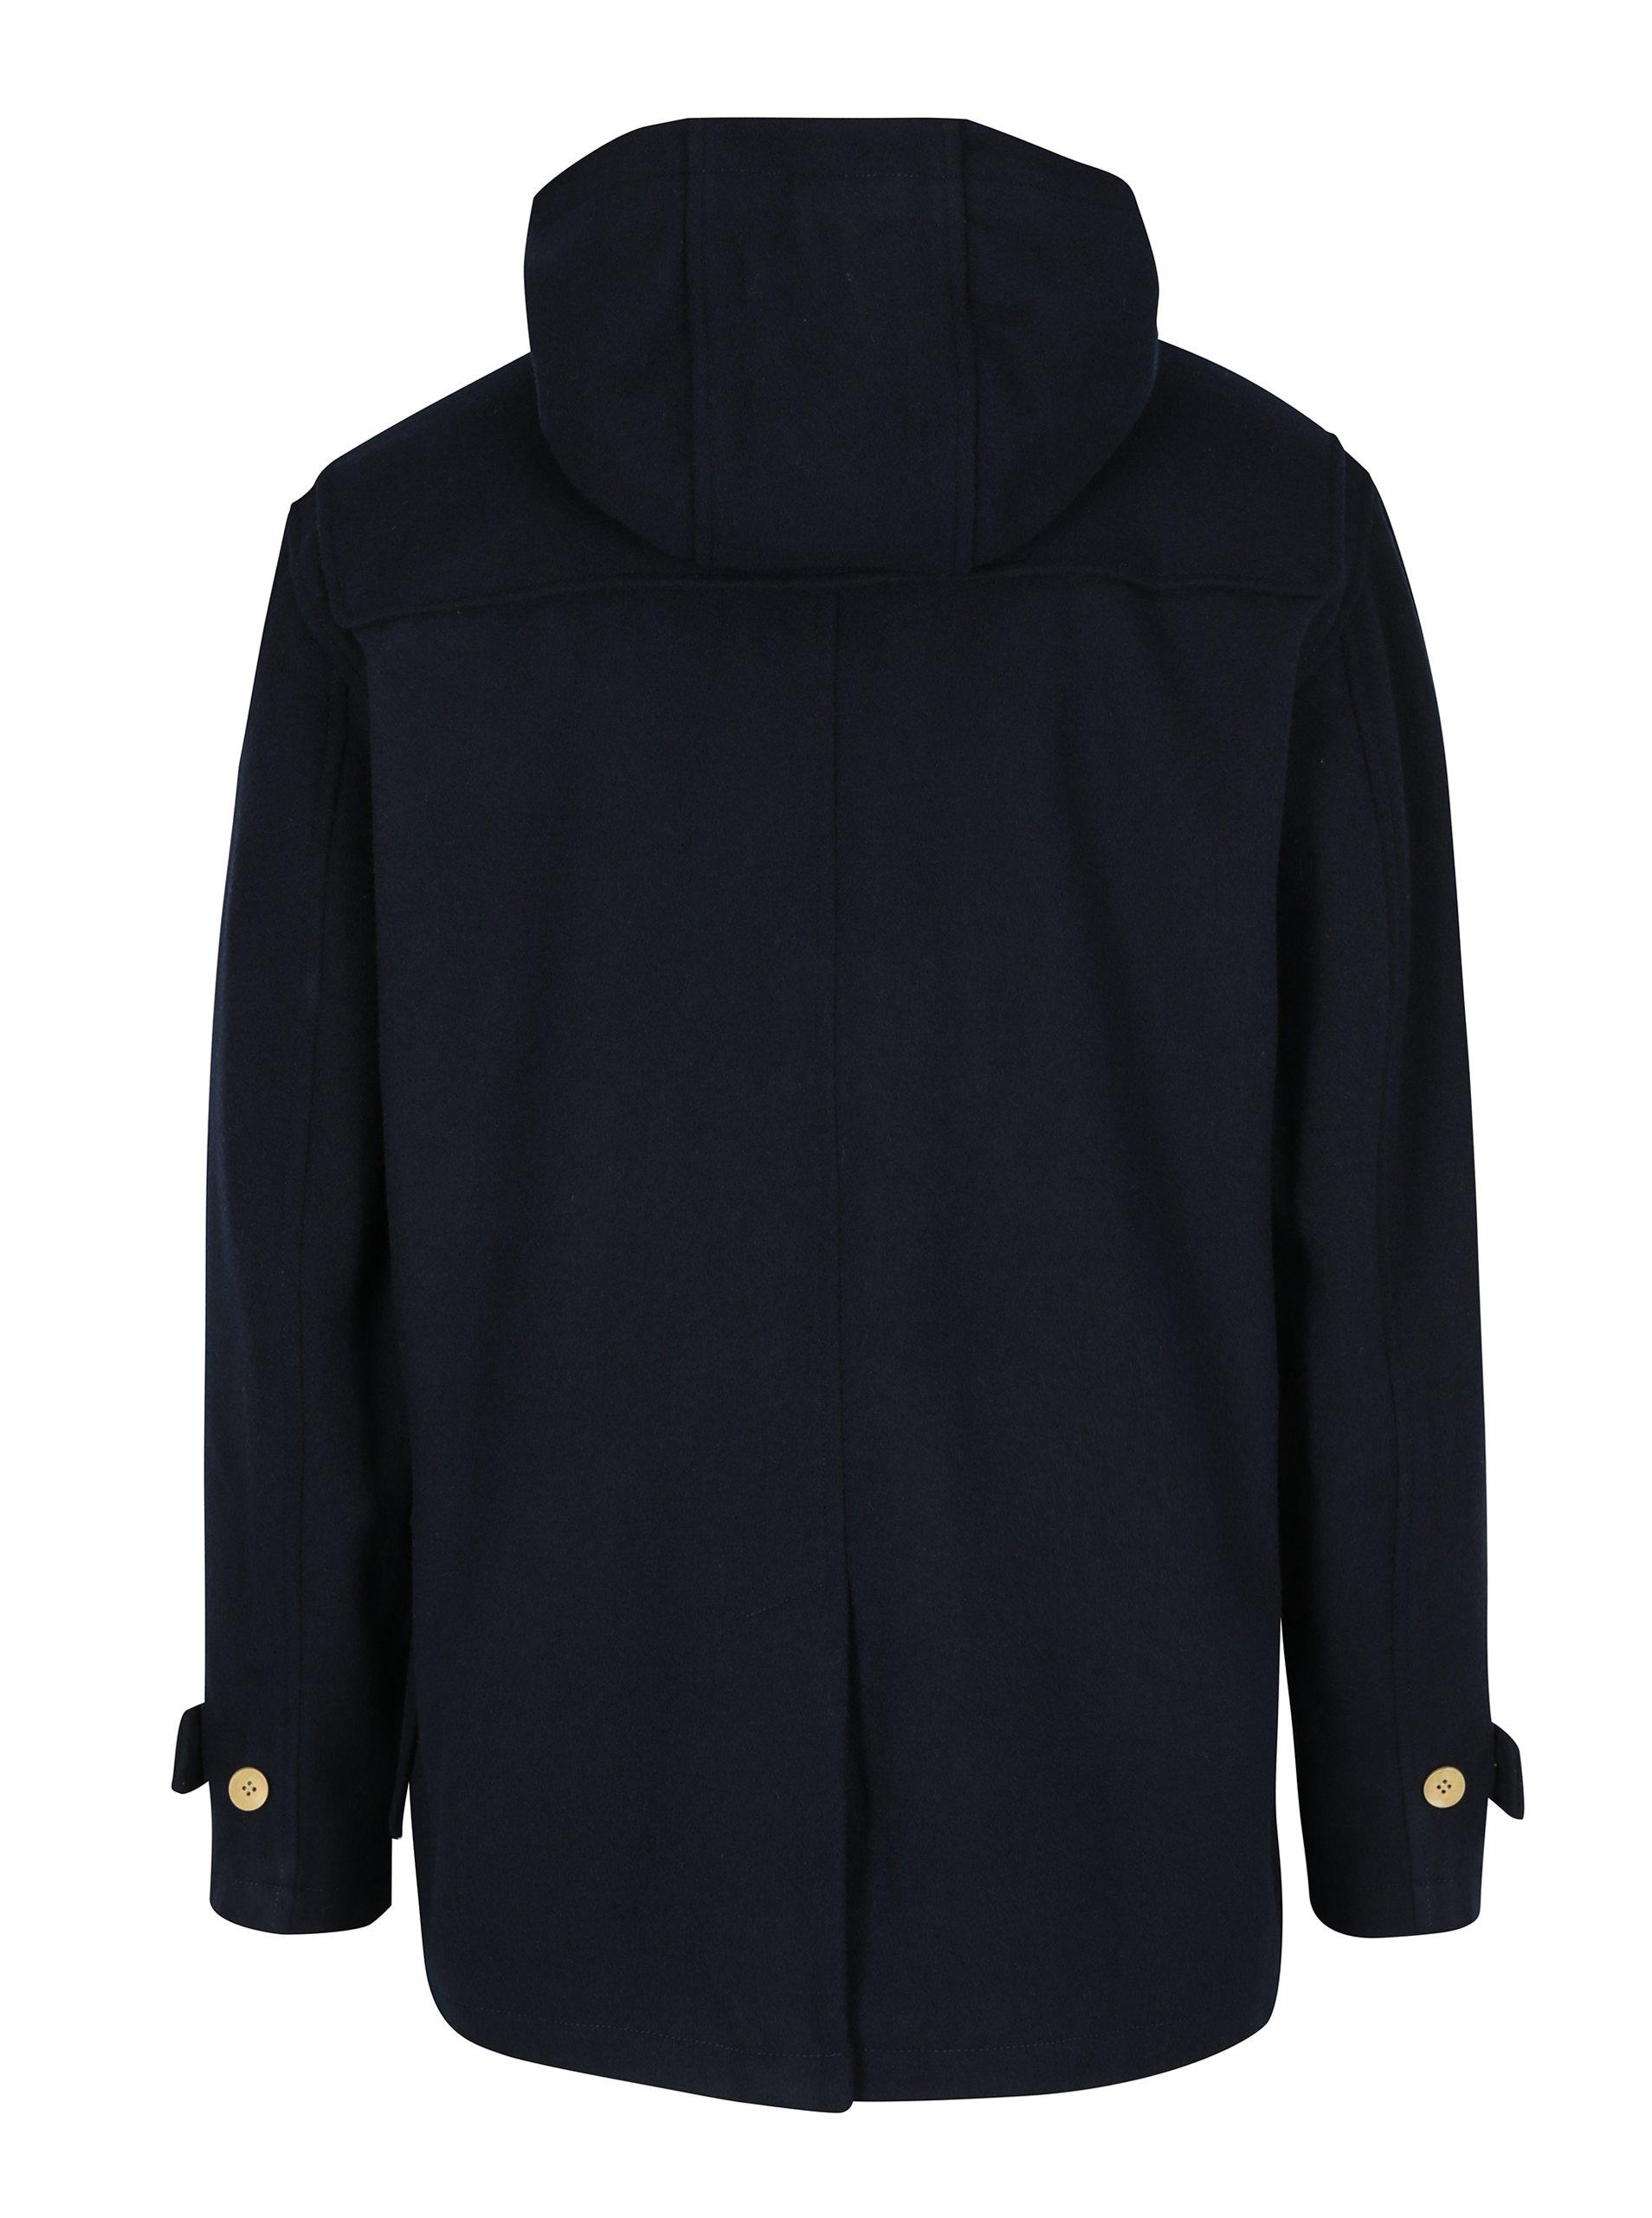 Tmavě modrý pánský vlněný kabát s kapucí Makia Duffle - eleganter.cz 1453605823